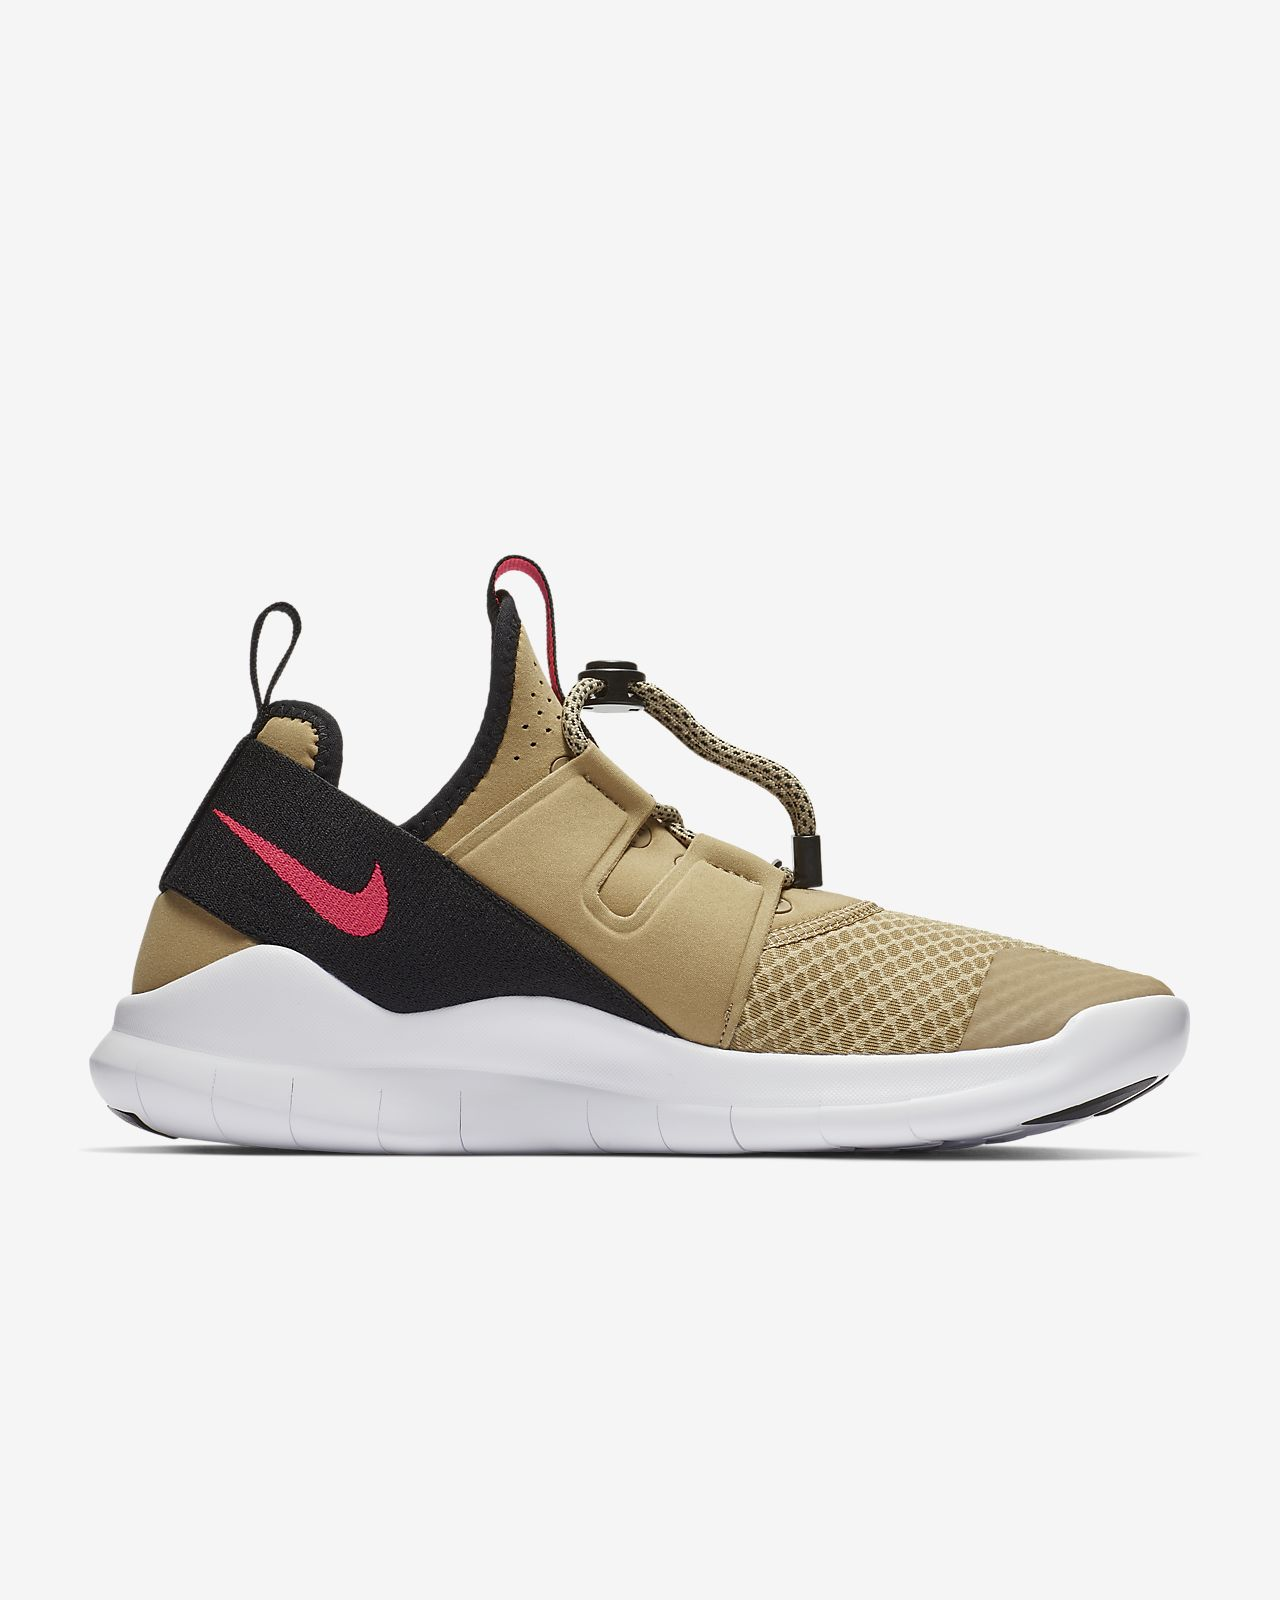 6e34e48d7b565 Nike Free RN Commuter 2018 Men s Running Shoe. Nike.com IN